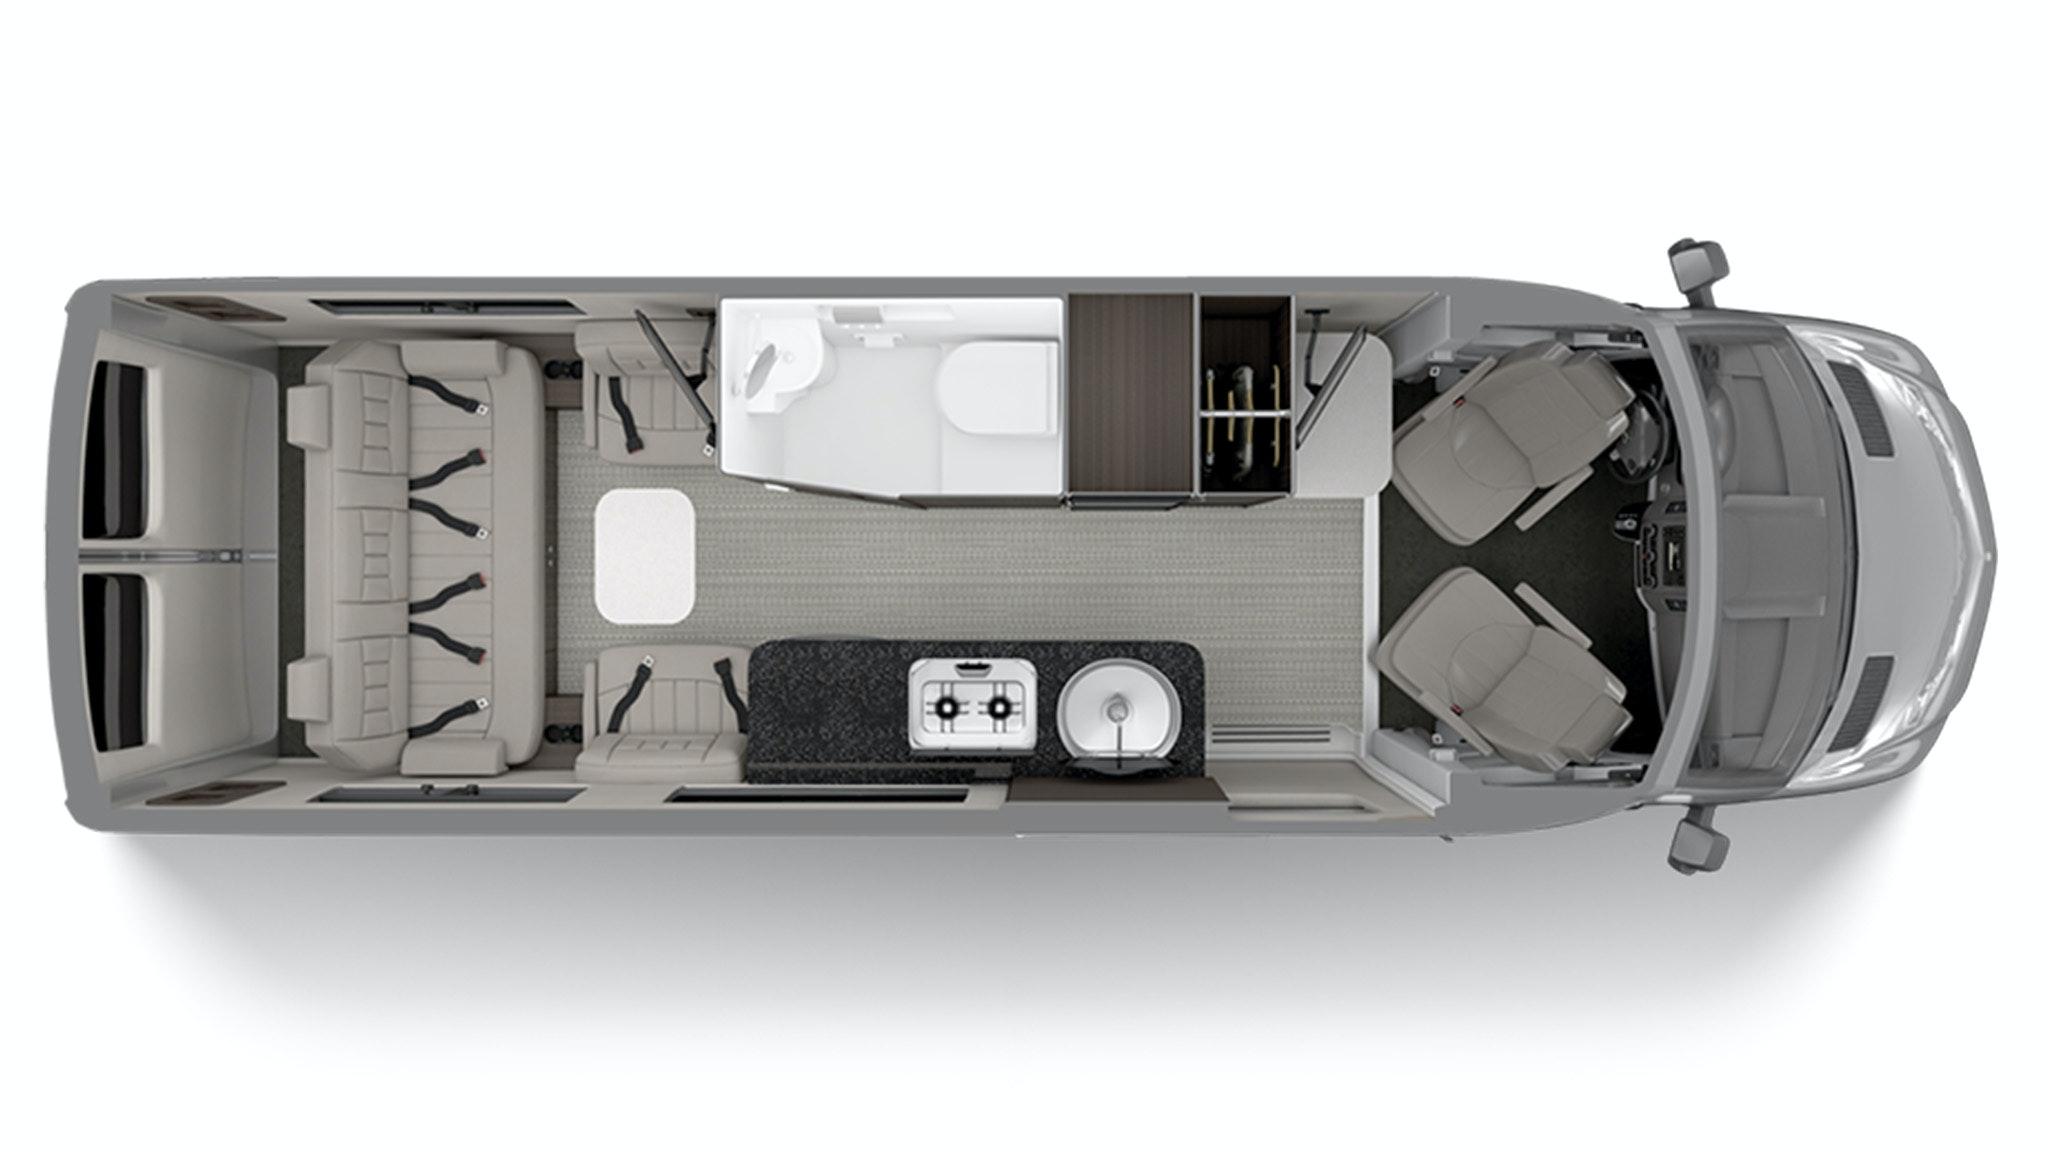 Airstream Interstate Grand Tour Floor Plan in Modern Greige